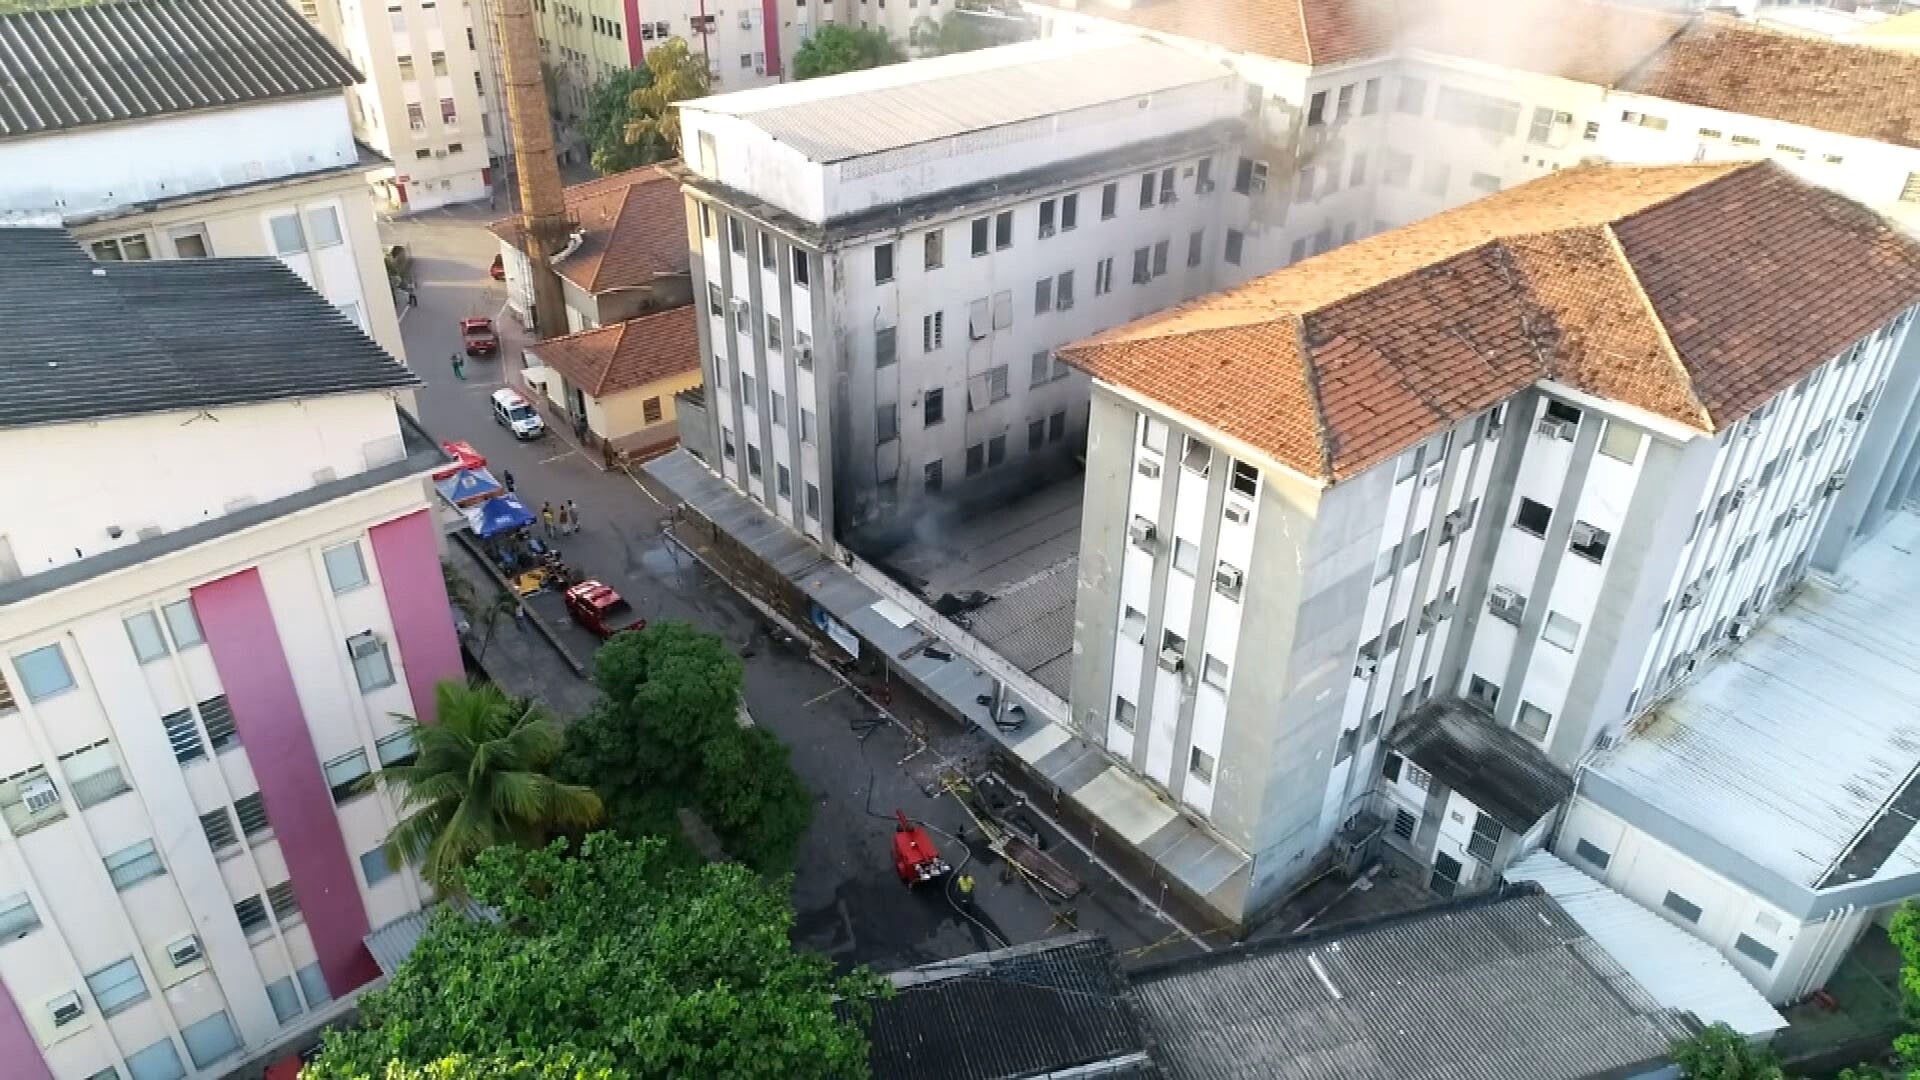 Saúde do Rio confirma 4ª morte de paciente transferido do Hospital de Bonsucesso, que pegou fogo